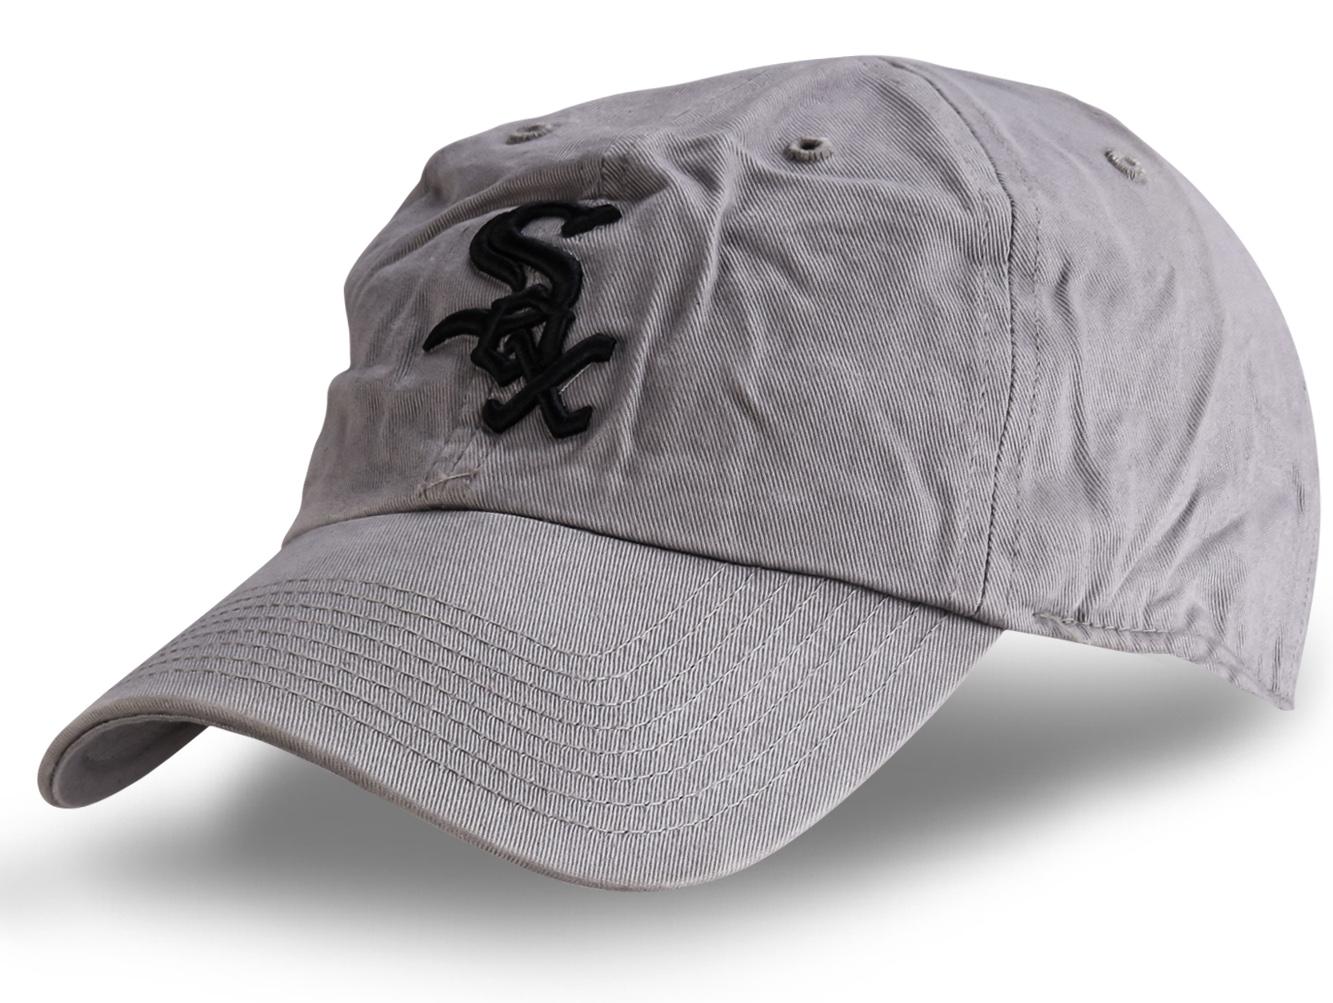 Кепка Sox - купить в интернет-магазине с доставкой